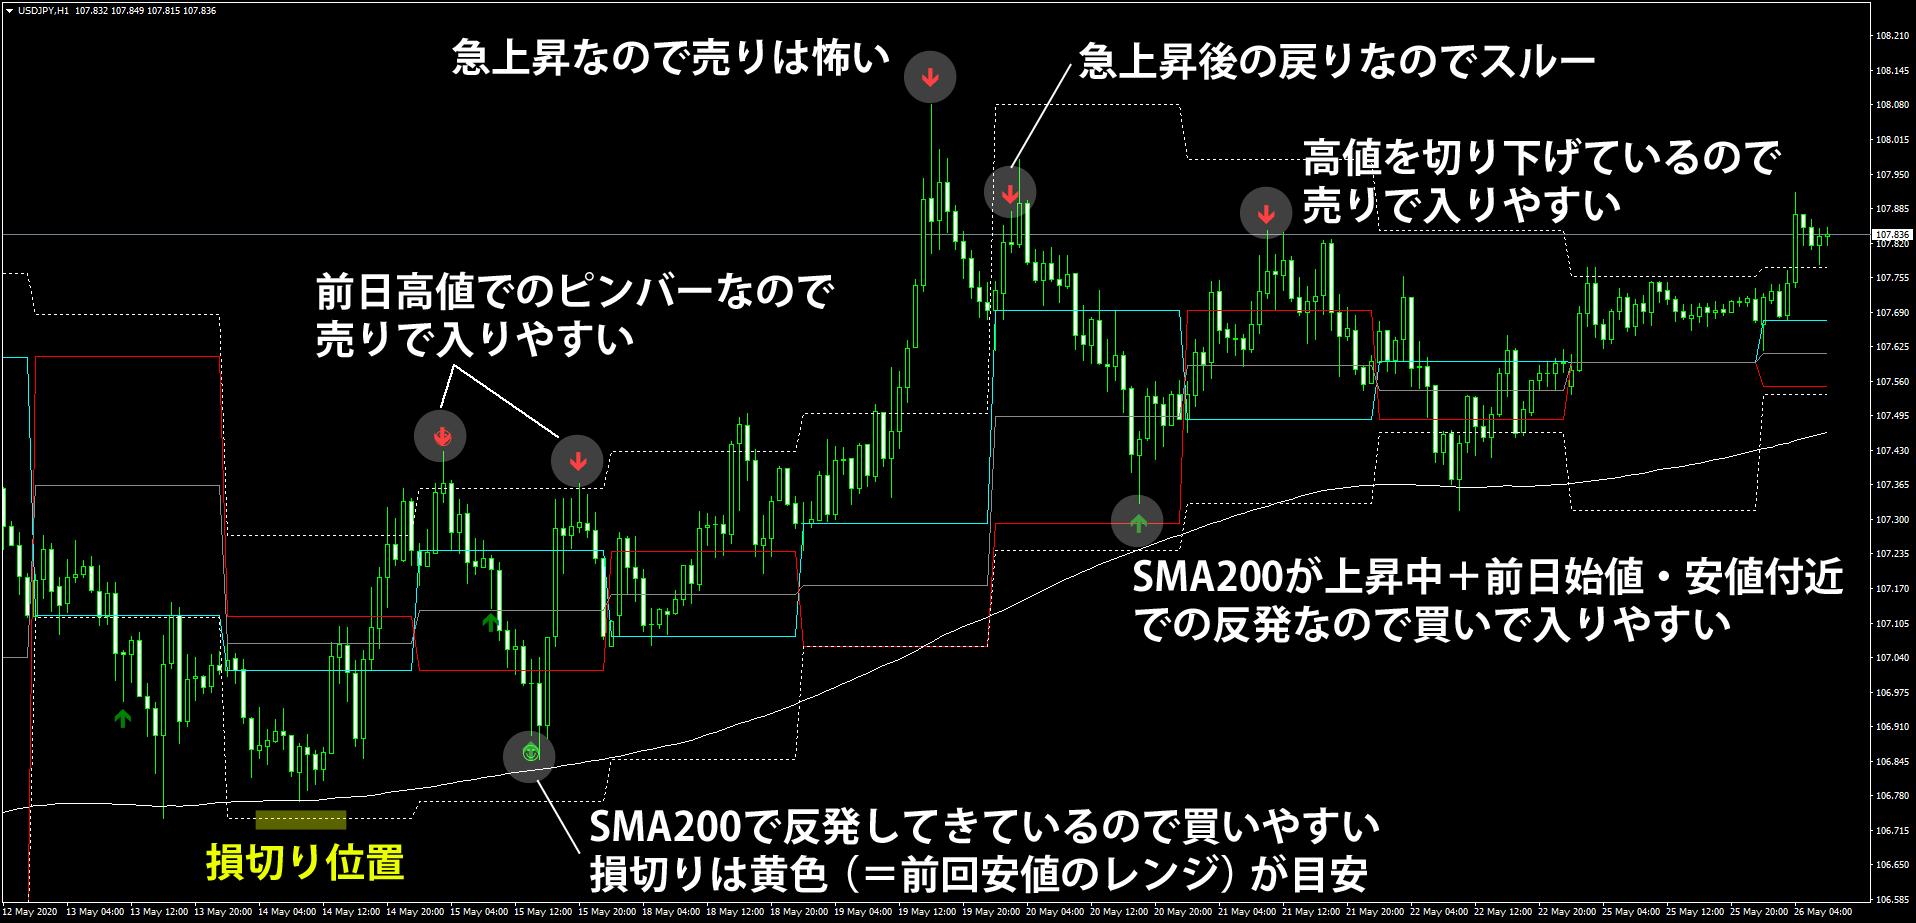 ドル円1時間足でのピンバー手法の具体事例